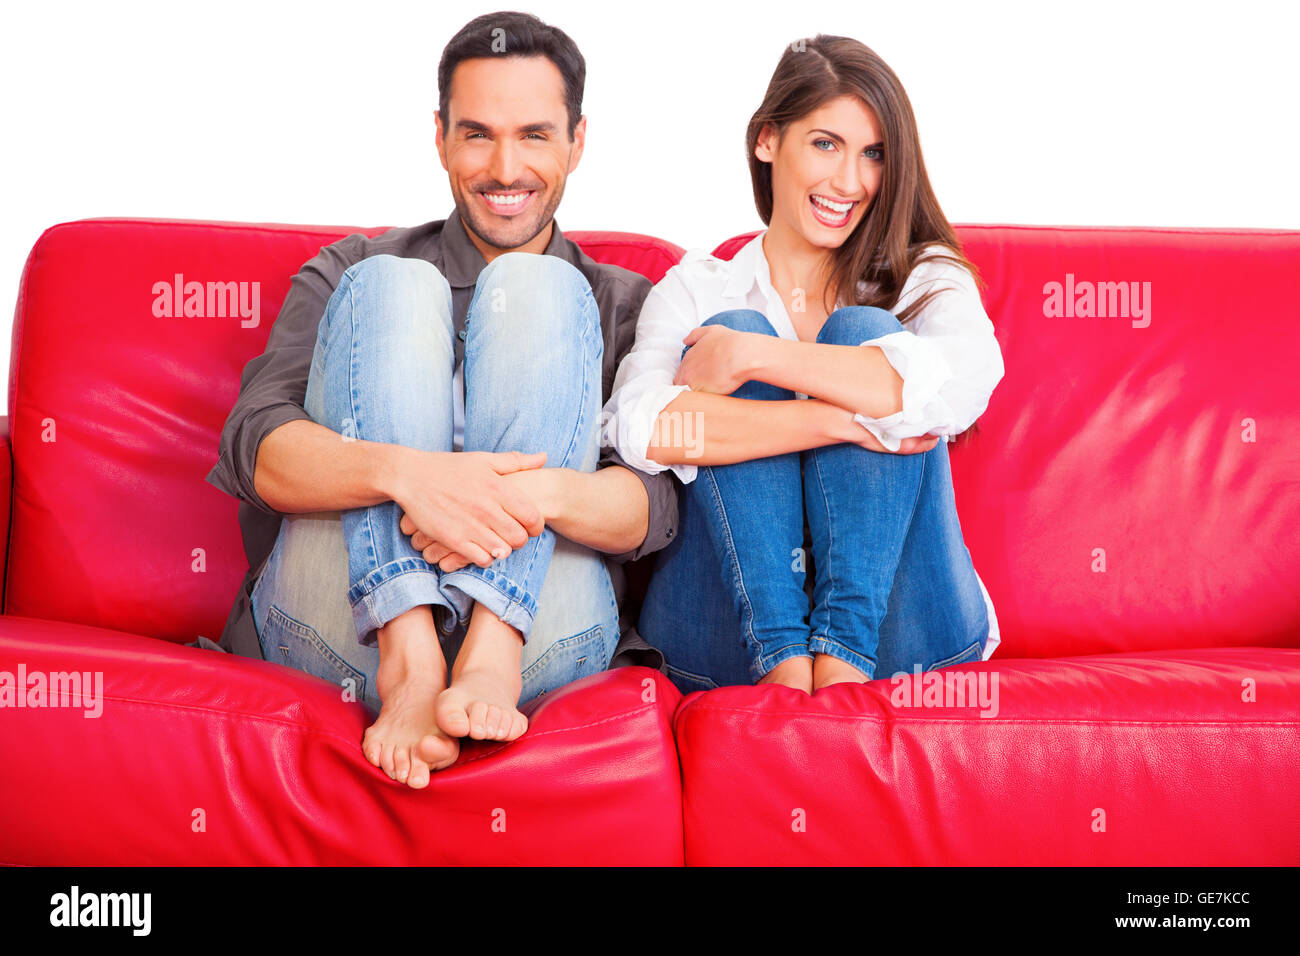 Sofa loving